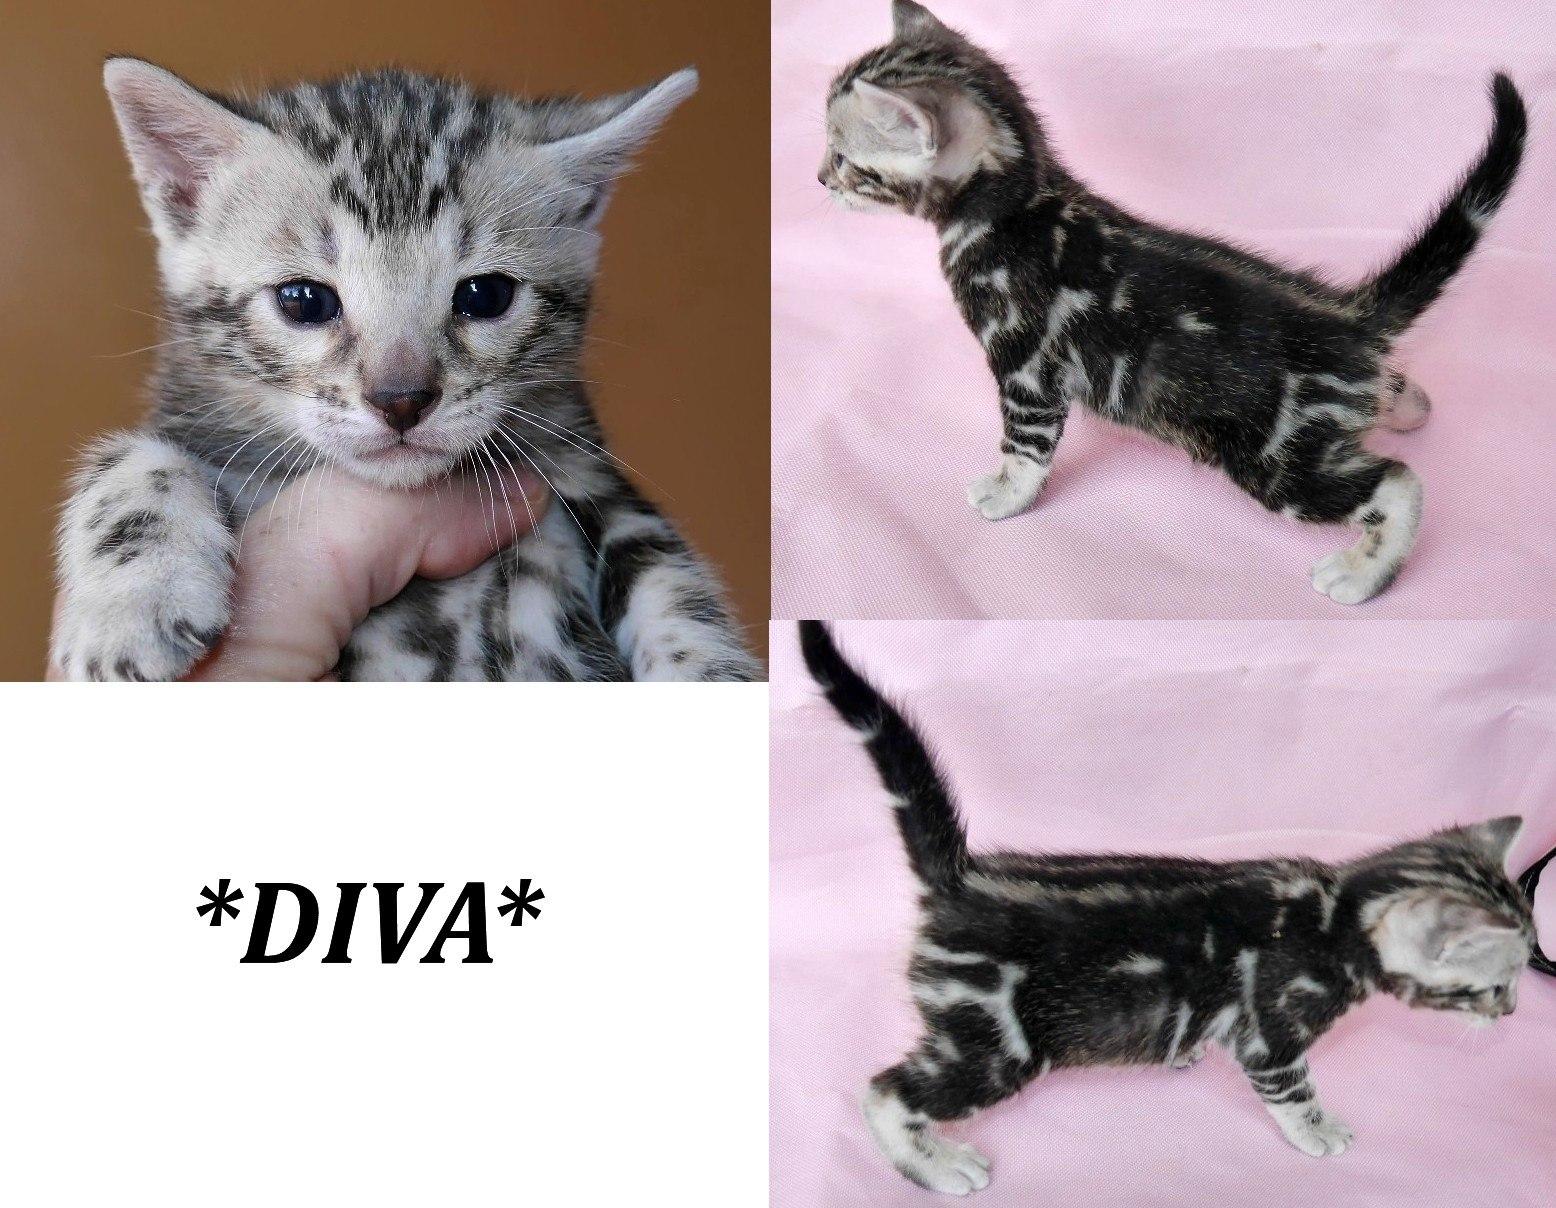 Diva Silver Marble Bengal Kitten KotyKatz Bengals